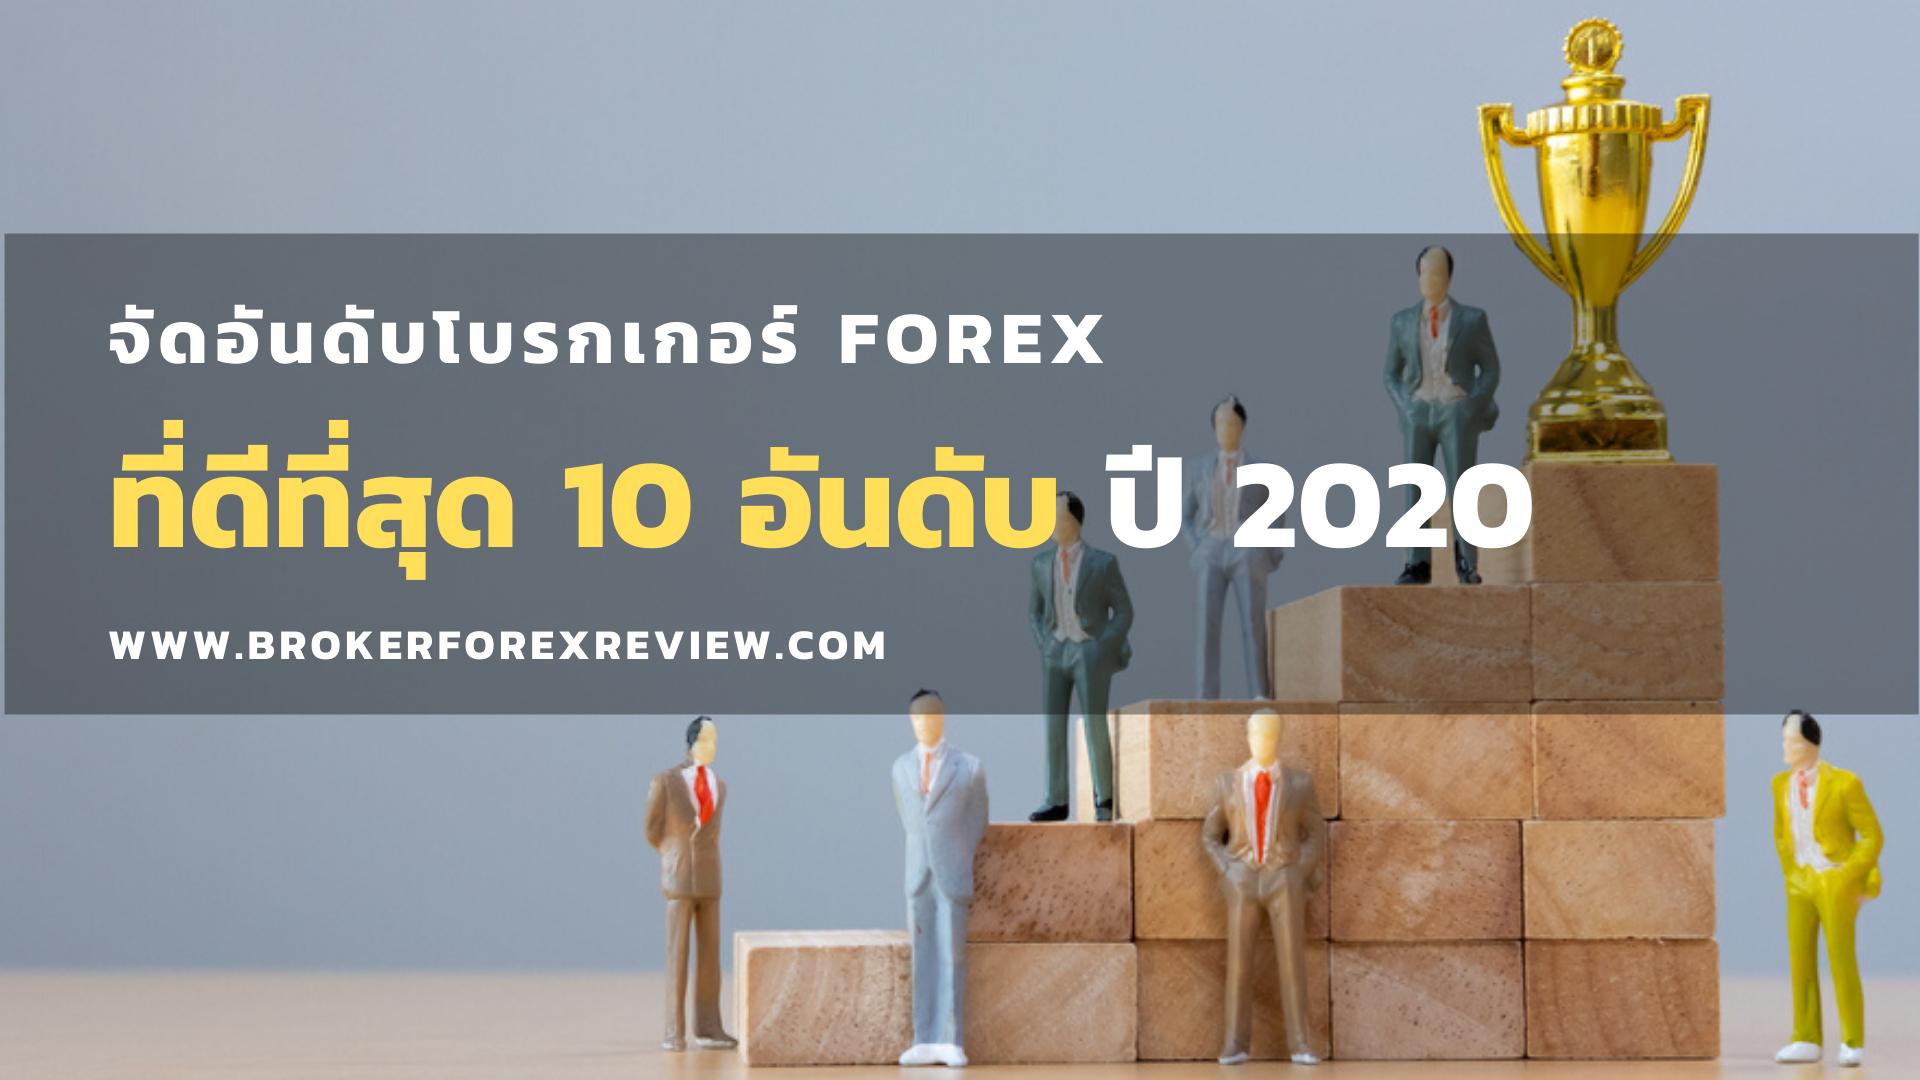 โบรกเกอร์ Forex ที่ดีที่สุด 10 อันดับ ปี 2020